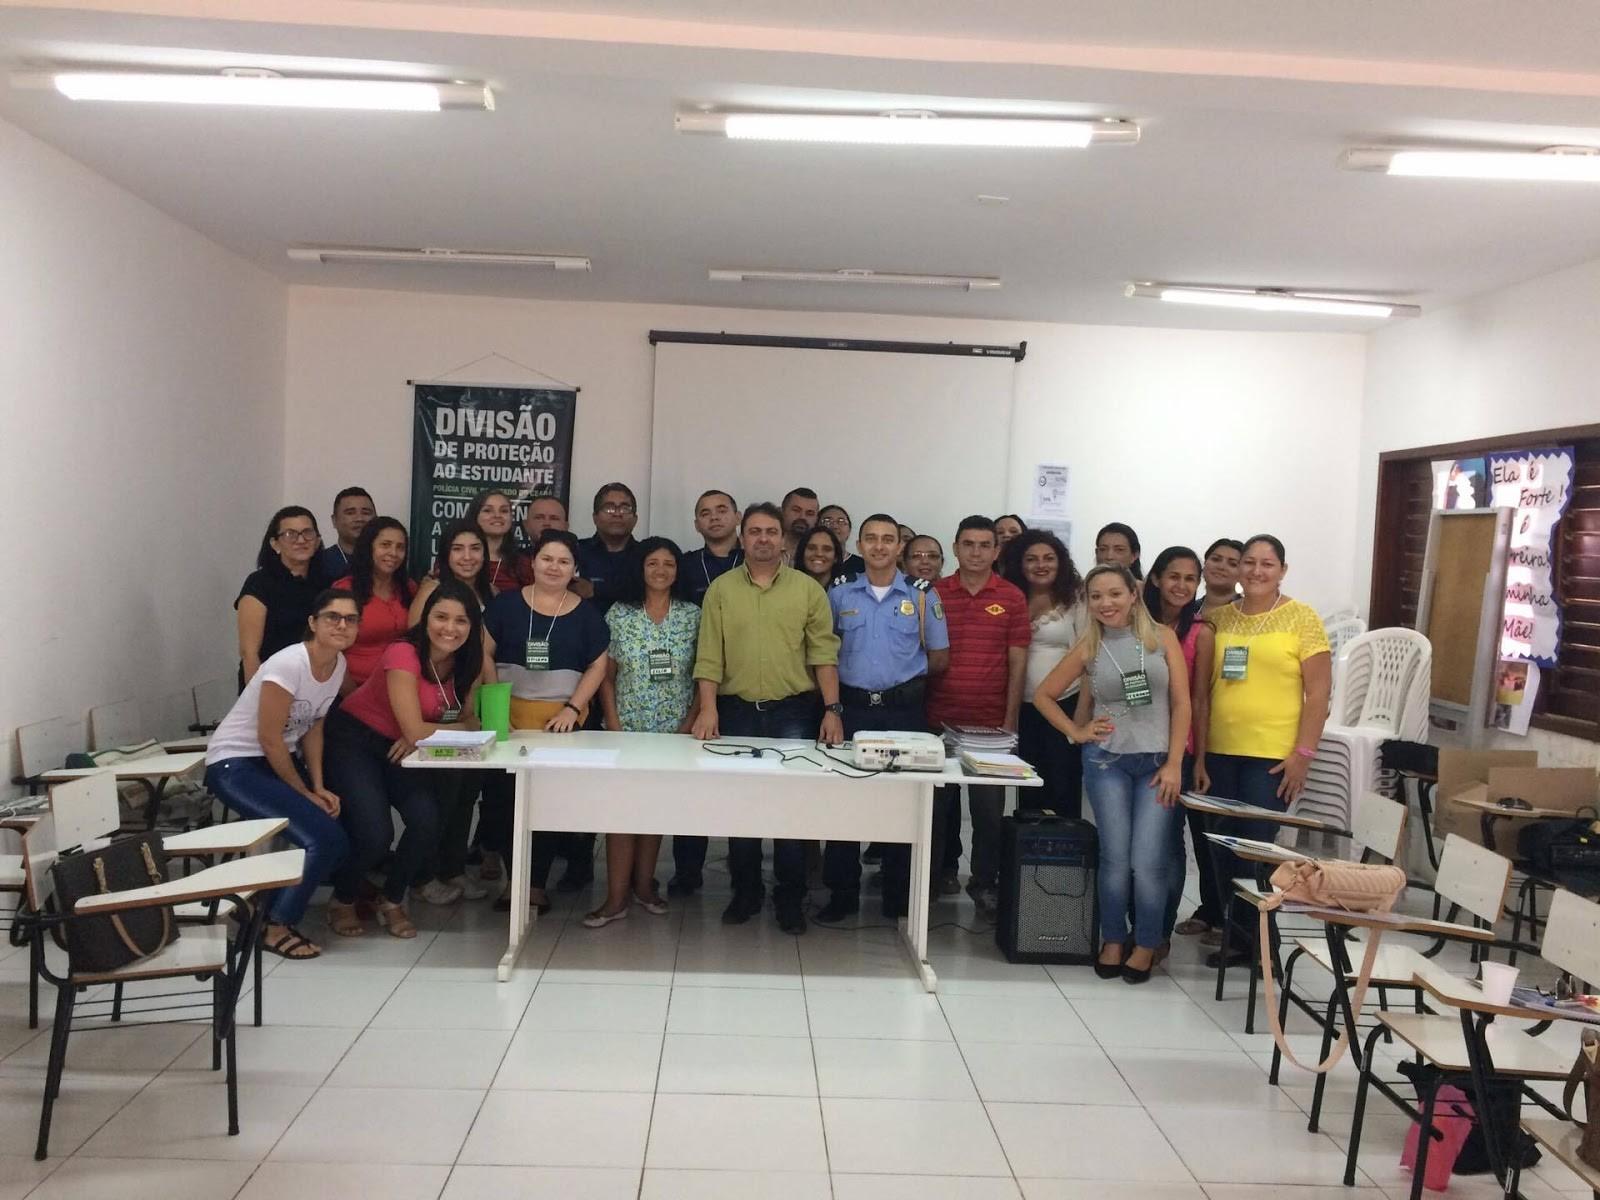 Mediadores unitários de Maracanaº participam de treinamento